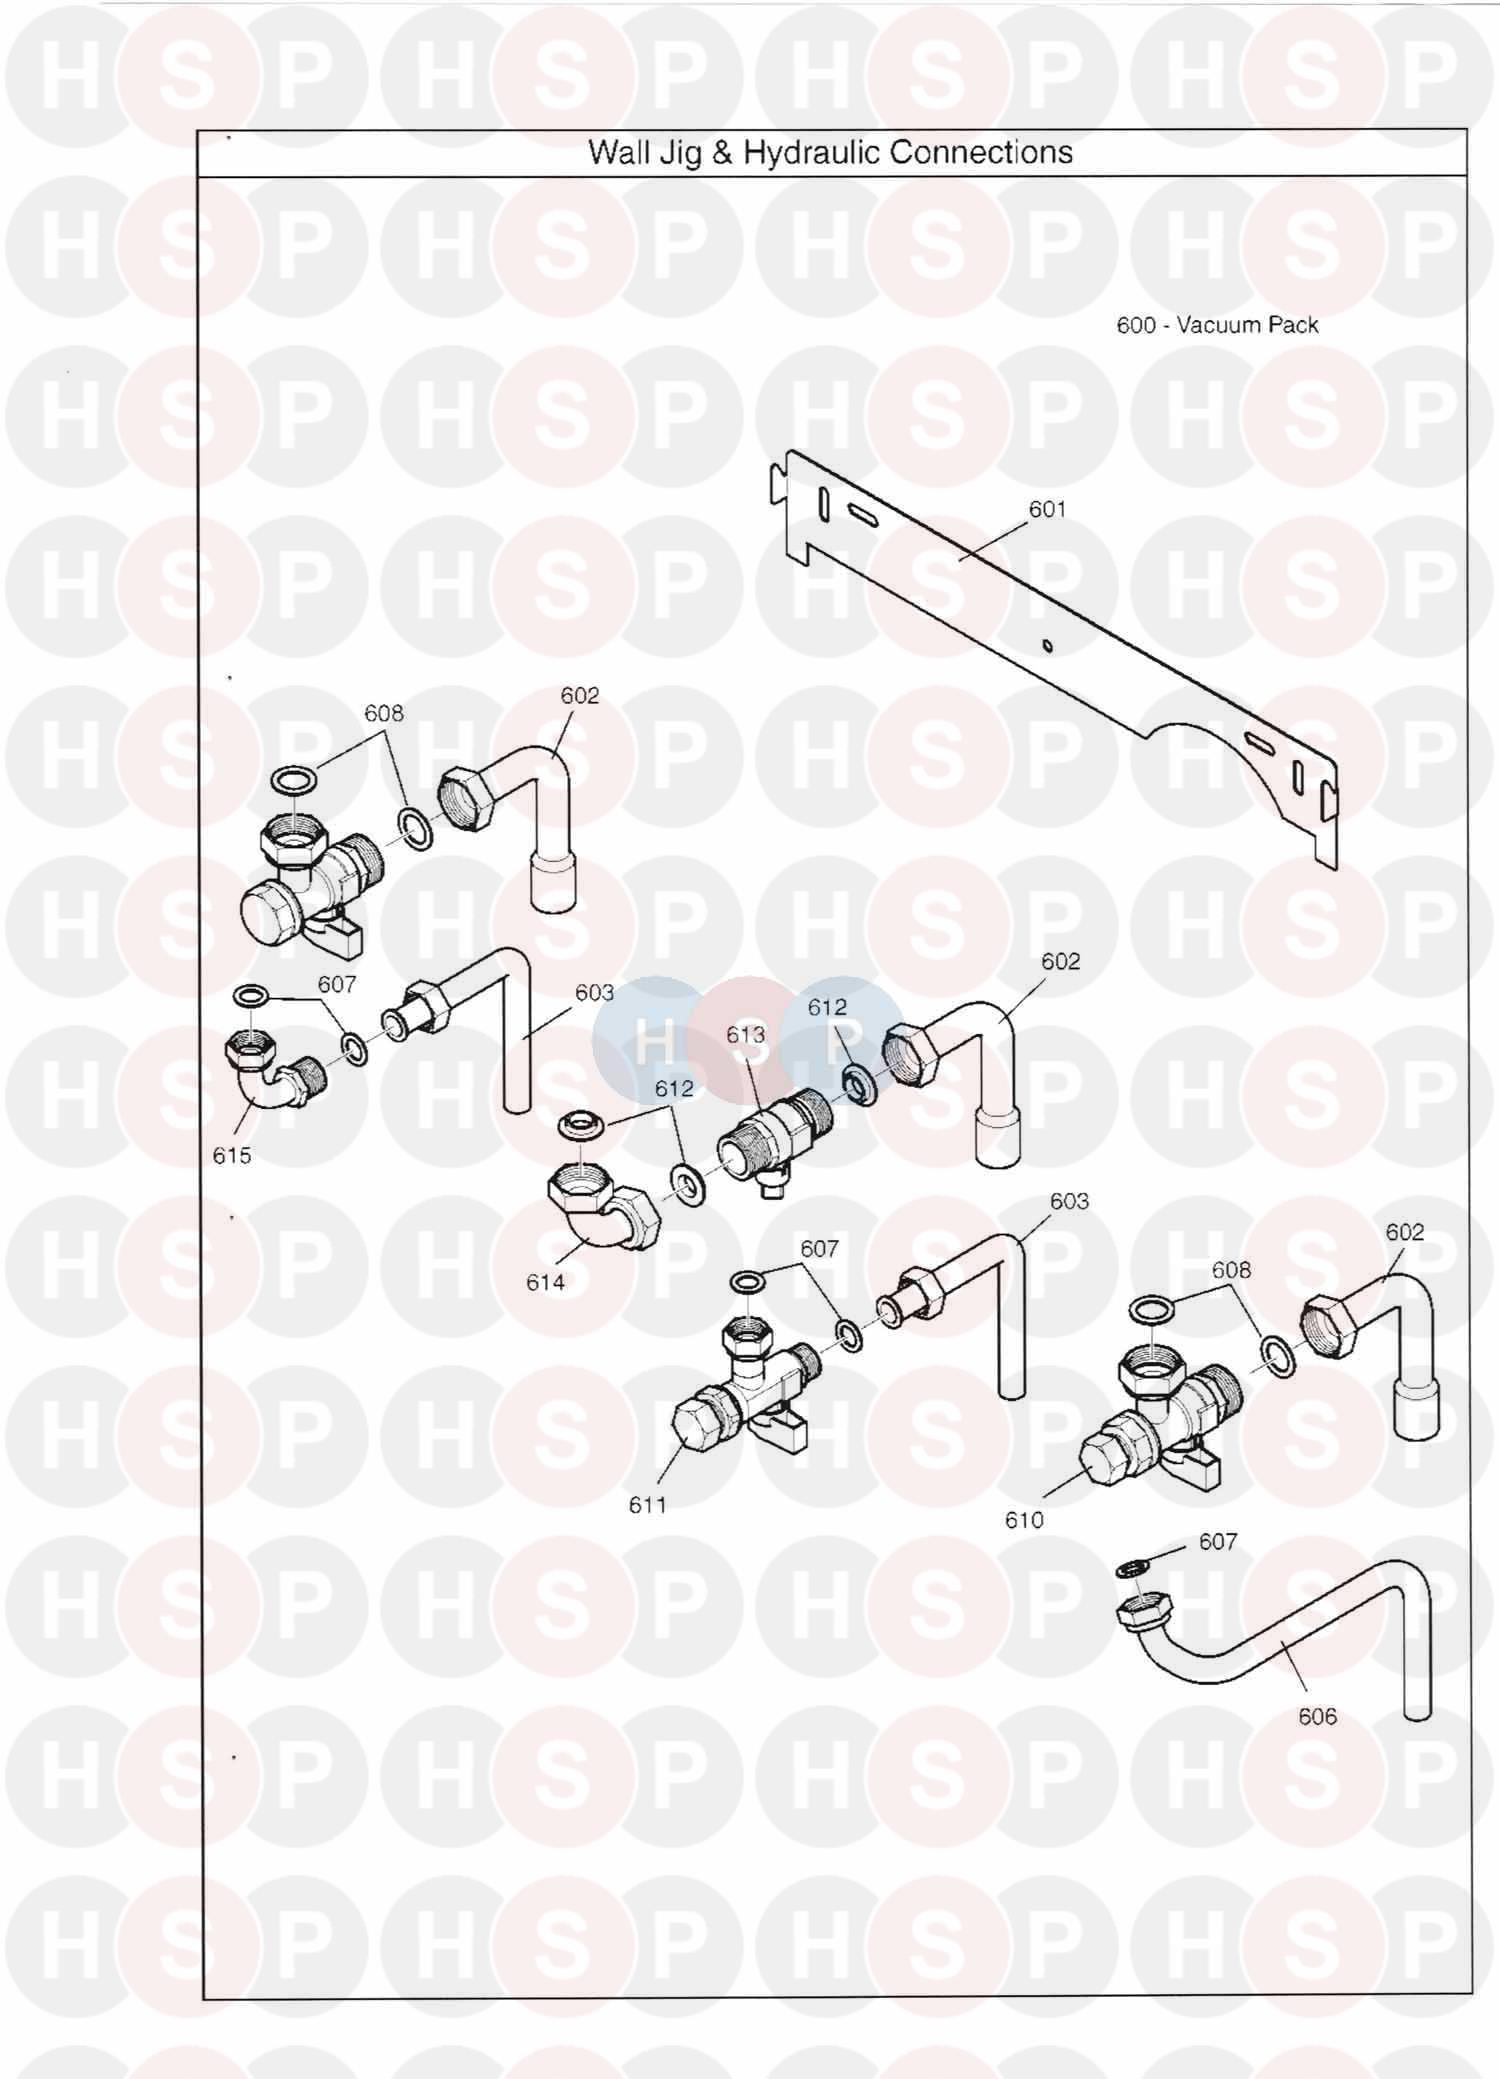 main combi 30he appliance diagram  wall jig  u0026 hydraulic